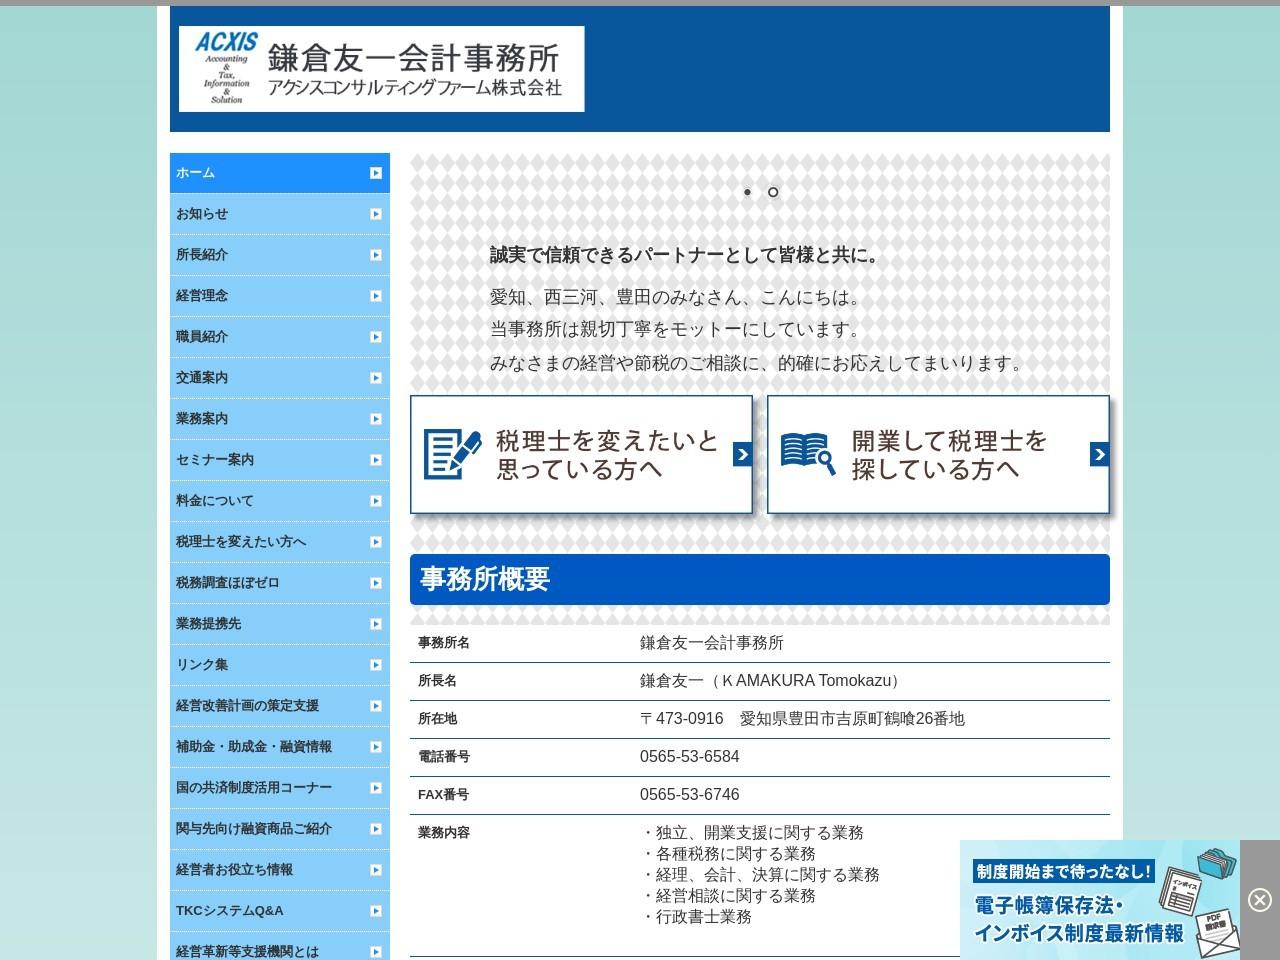 鎌倉友一税理士事務所